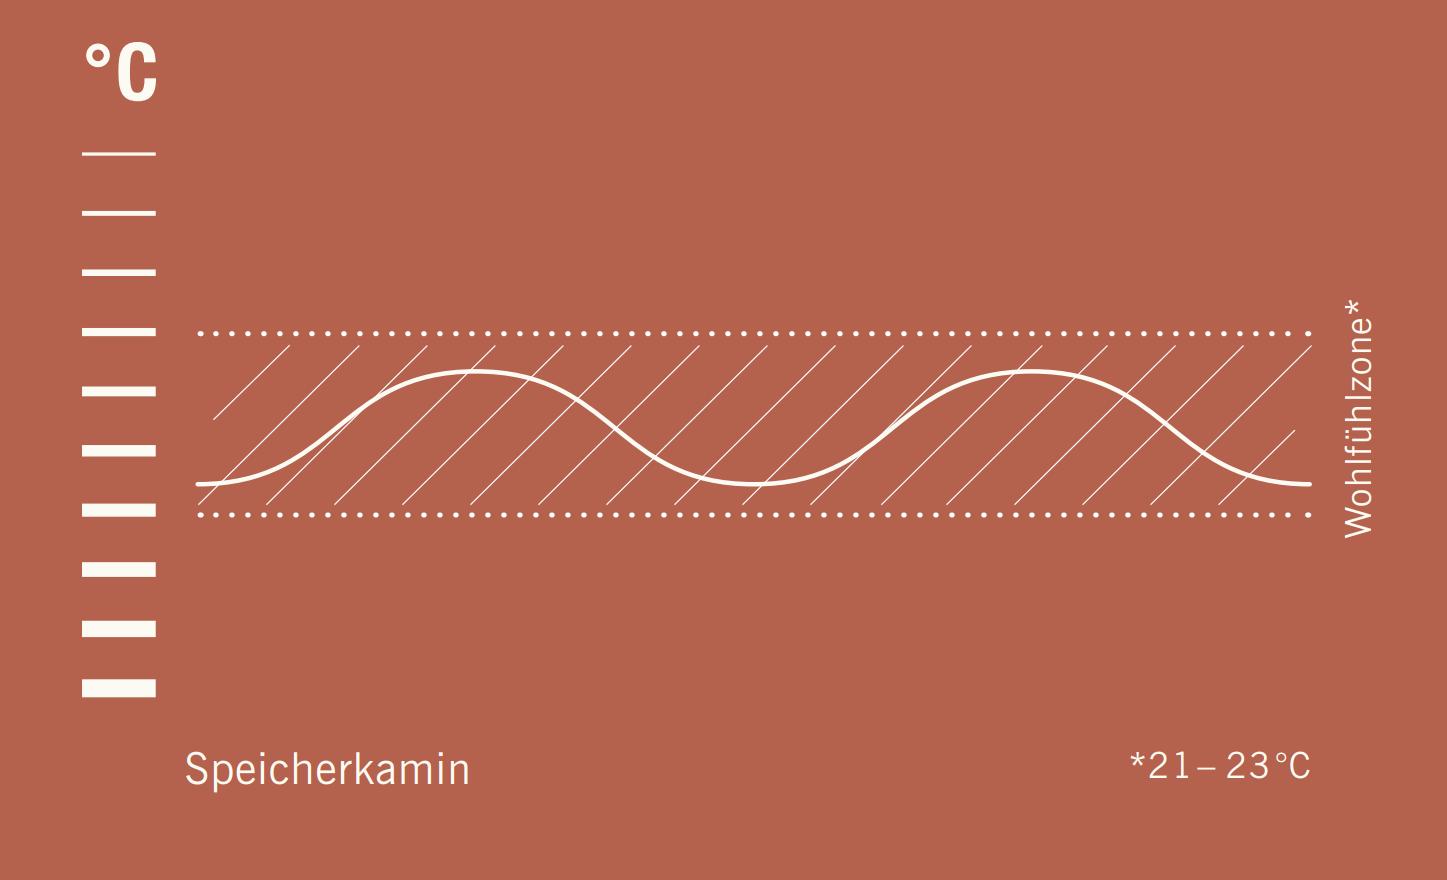 Grafik der Wohlfühltemperatur eines Speicherkamins